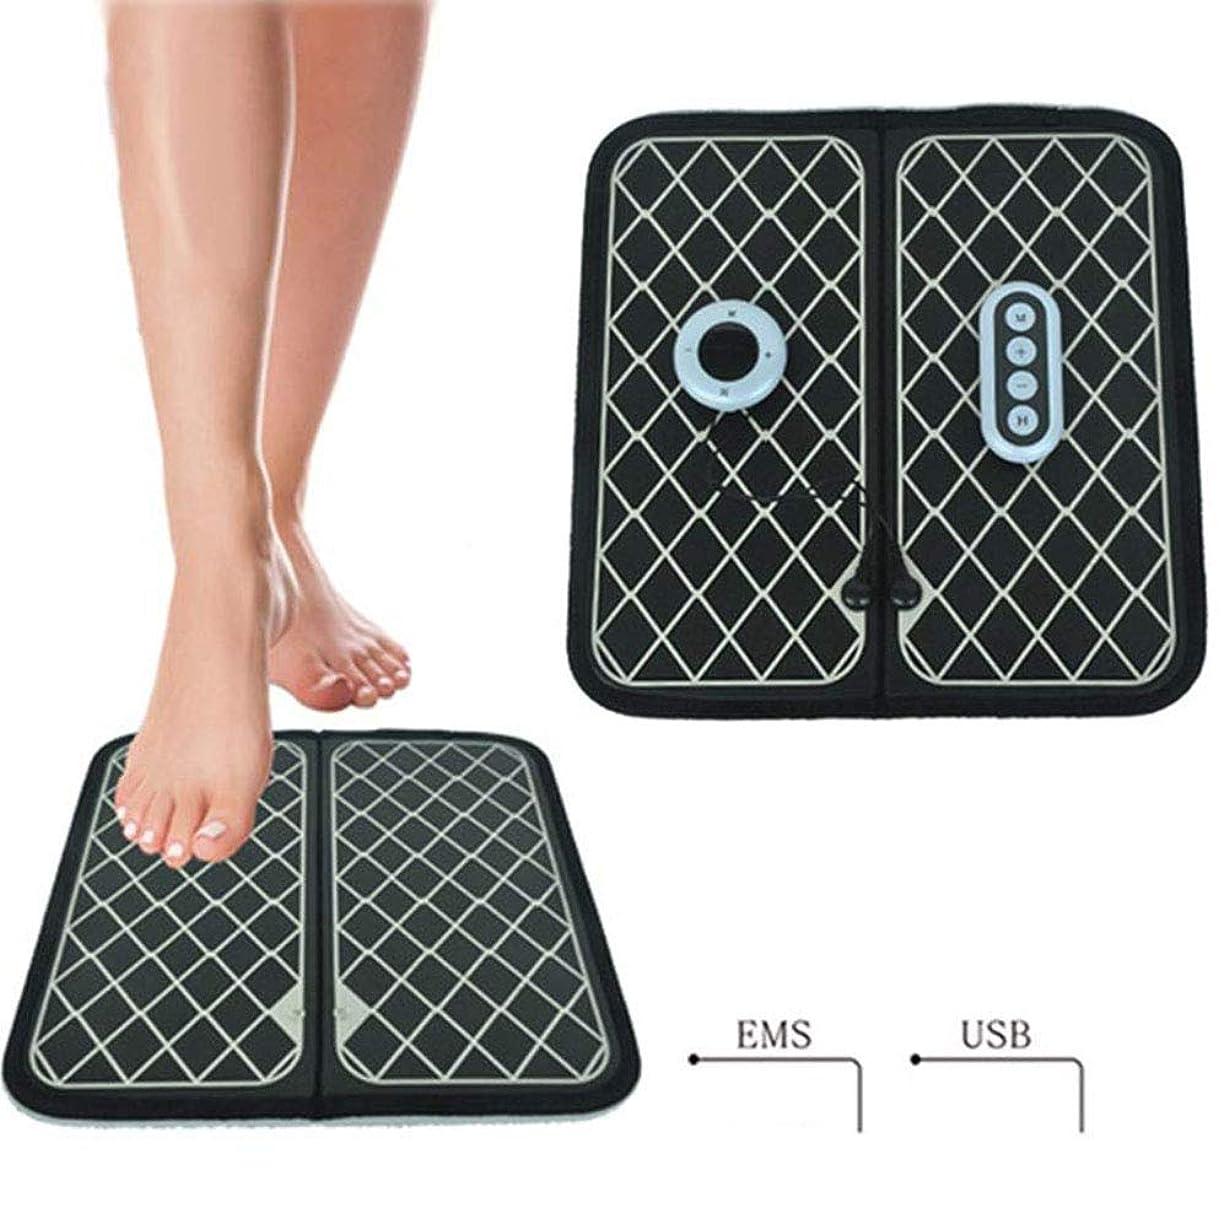 慰め巨大文明化フットマッサージャーEMSフットサイクルUSBマッサージャー充電式電磁筋肉刺激により、痛みを軽減し、血液循環を改善し、足の疲労を軽減します